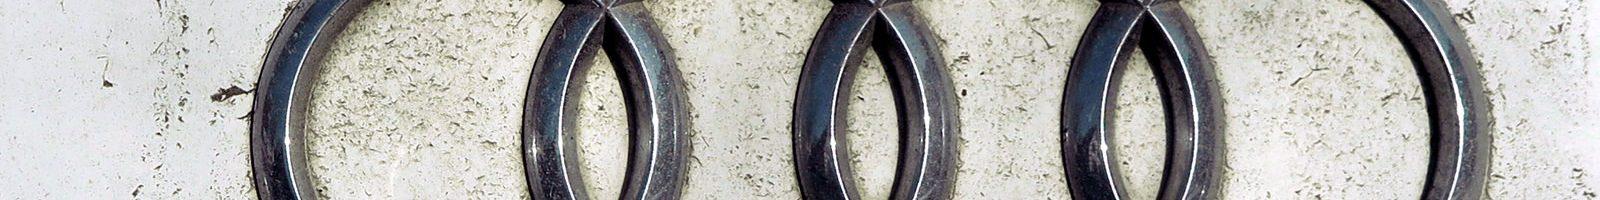 Dieselskandal: Audi ruft 64.000 Euro-6-Diesel wegen Abgasmanipulation zurück